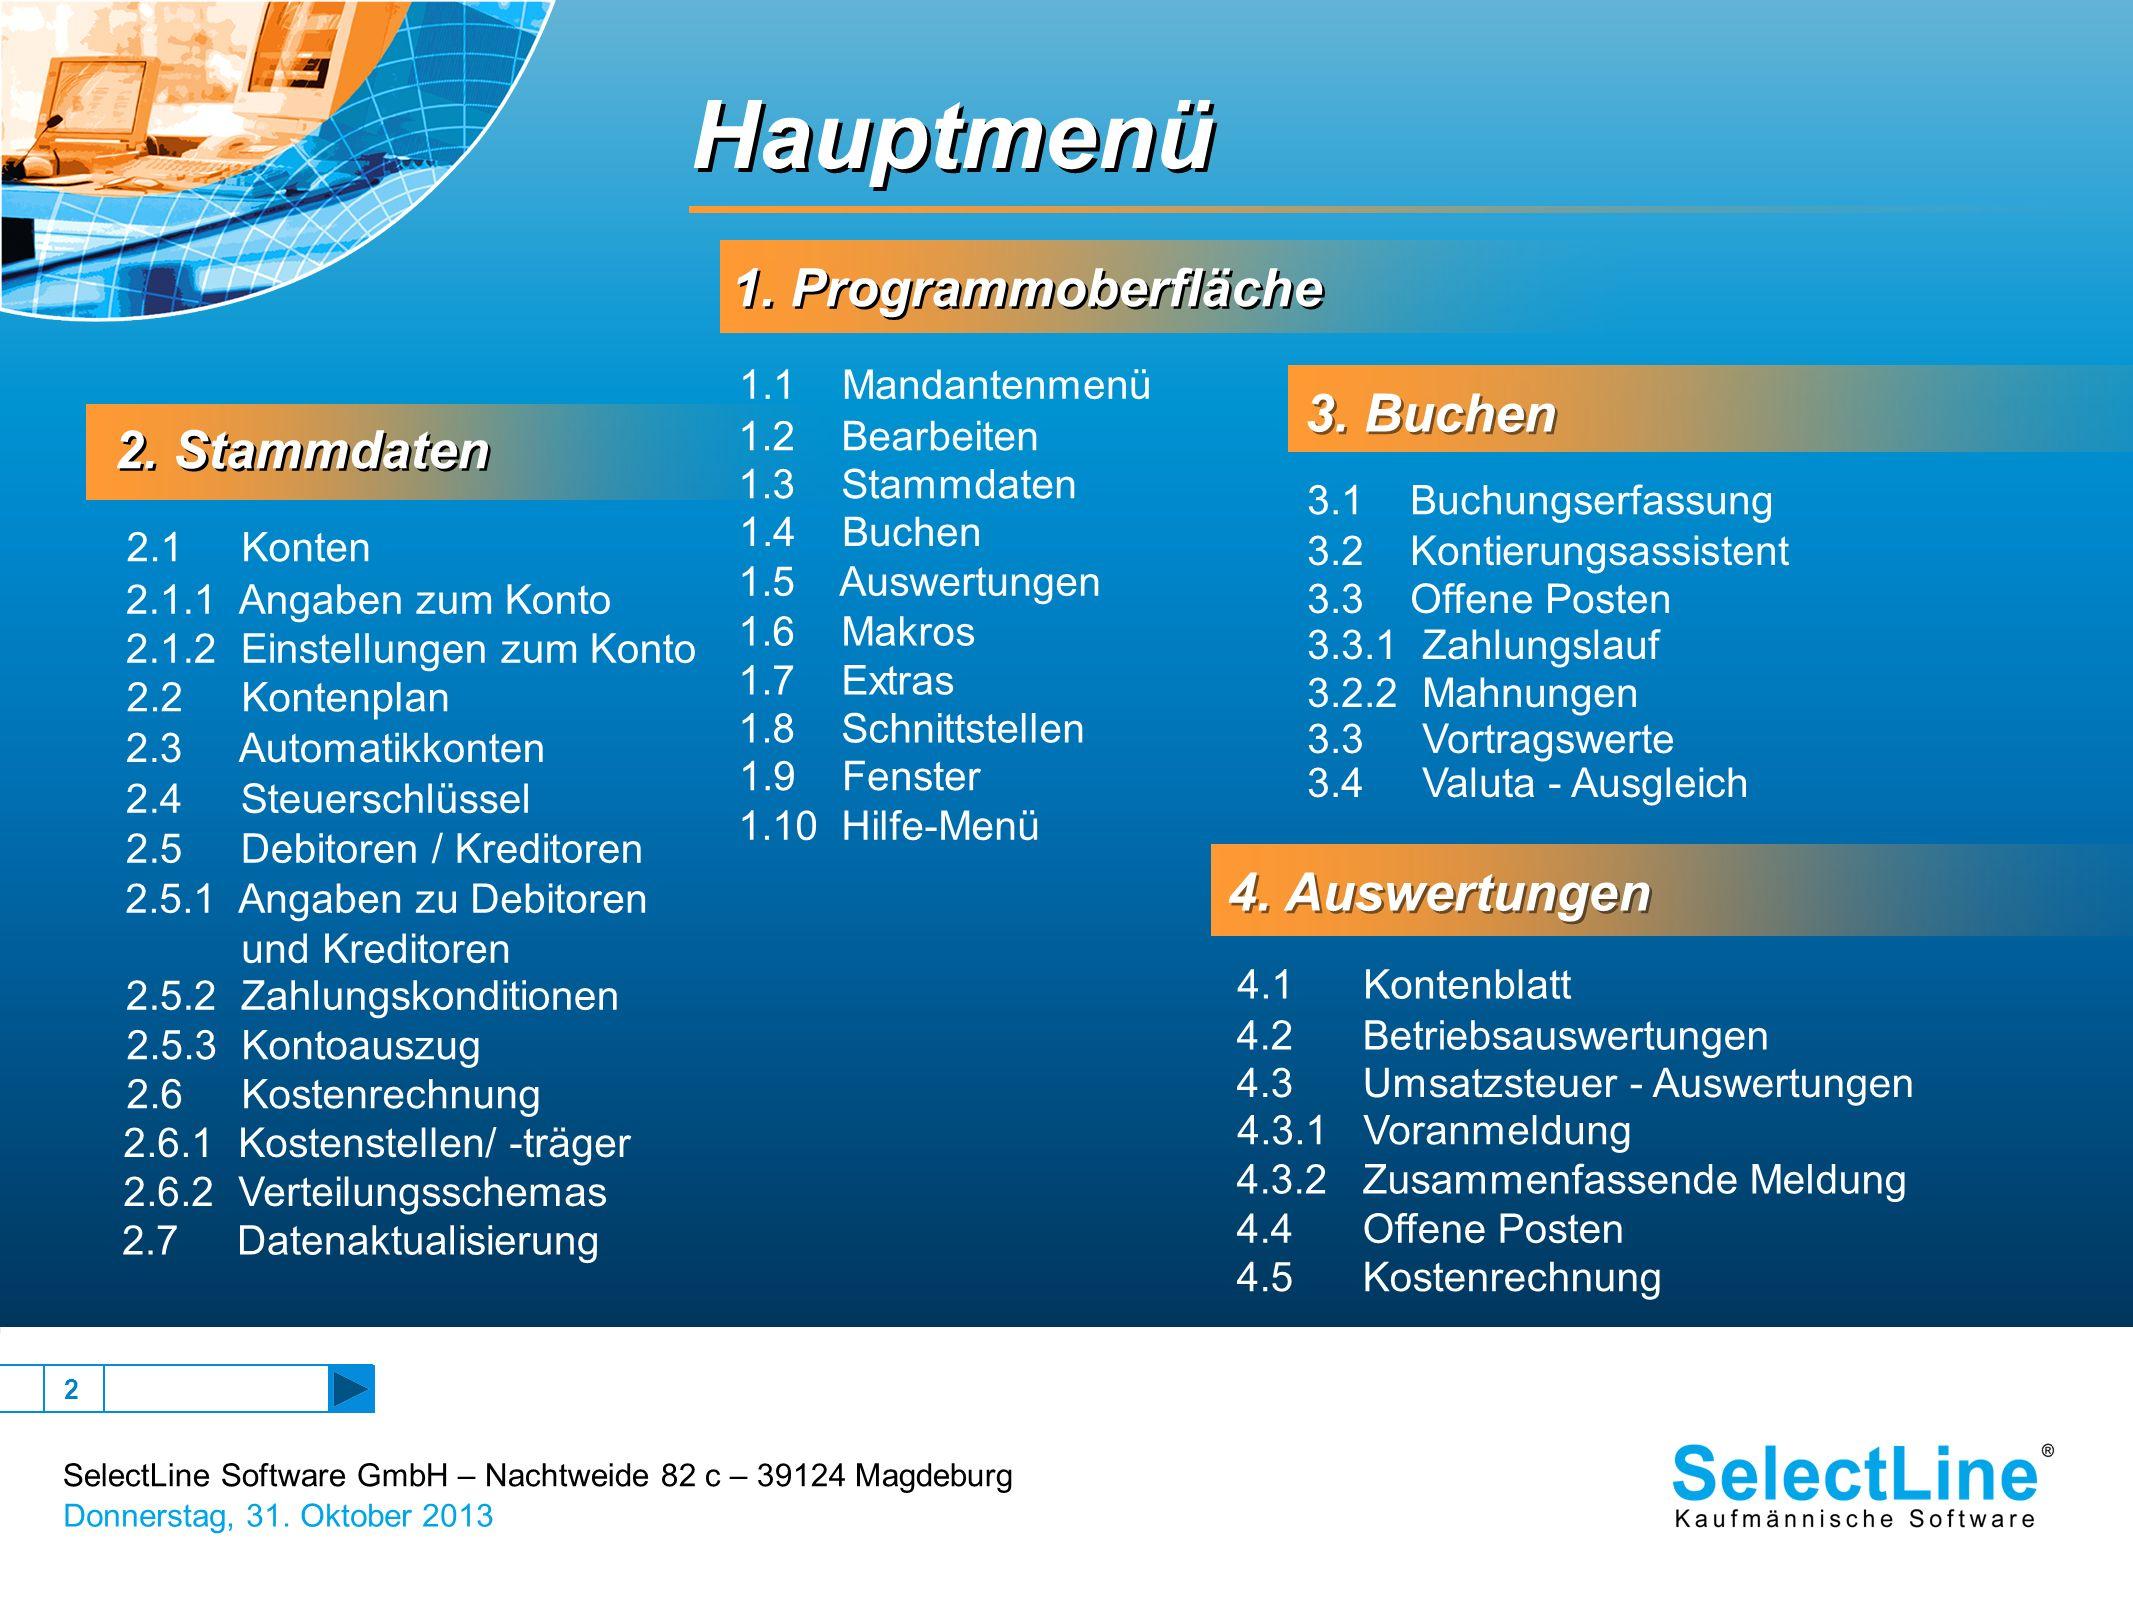 SelectLine Software GmbH – Nachtweide 82 c – 39124 Magdeburg Donnerstag, 31. Oktober 2013 2 1. Programmoberfläche 1. Programmoberfläche 2. Stammdaten